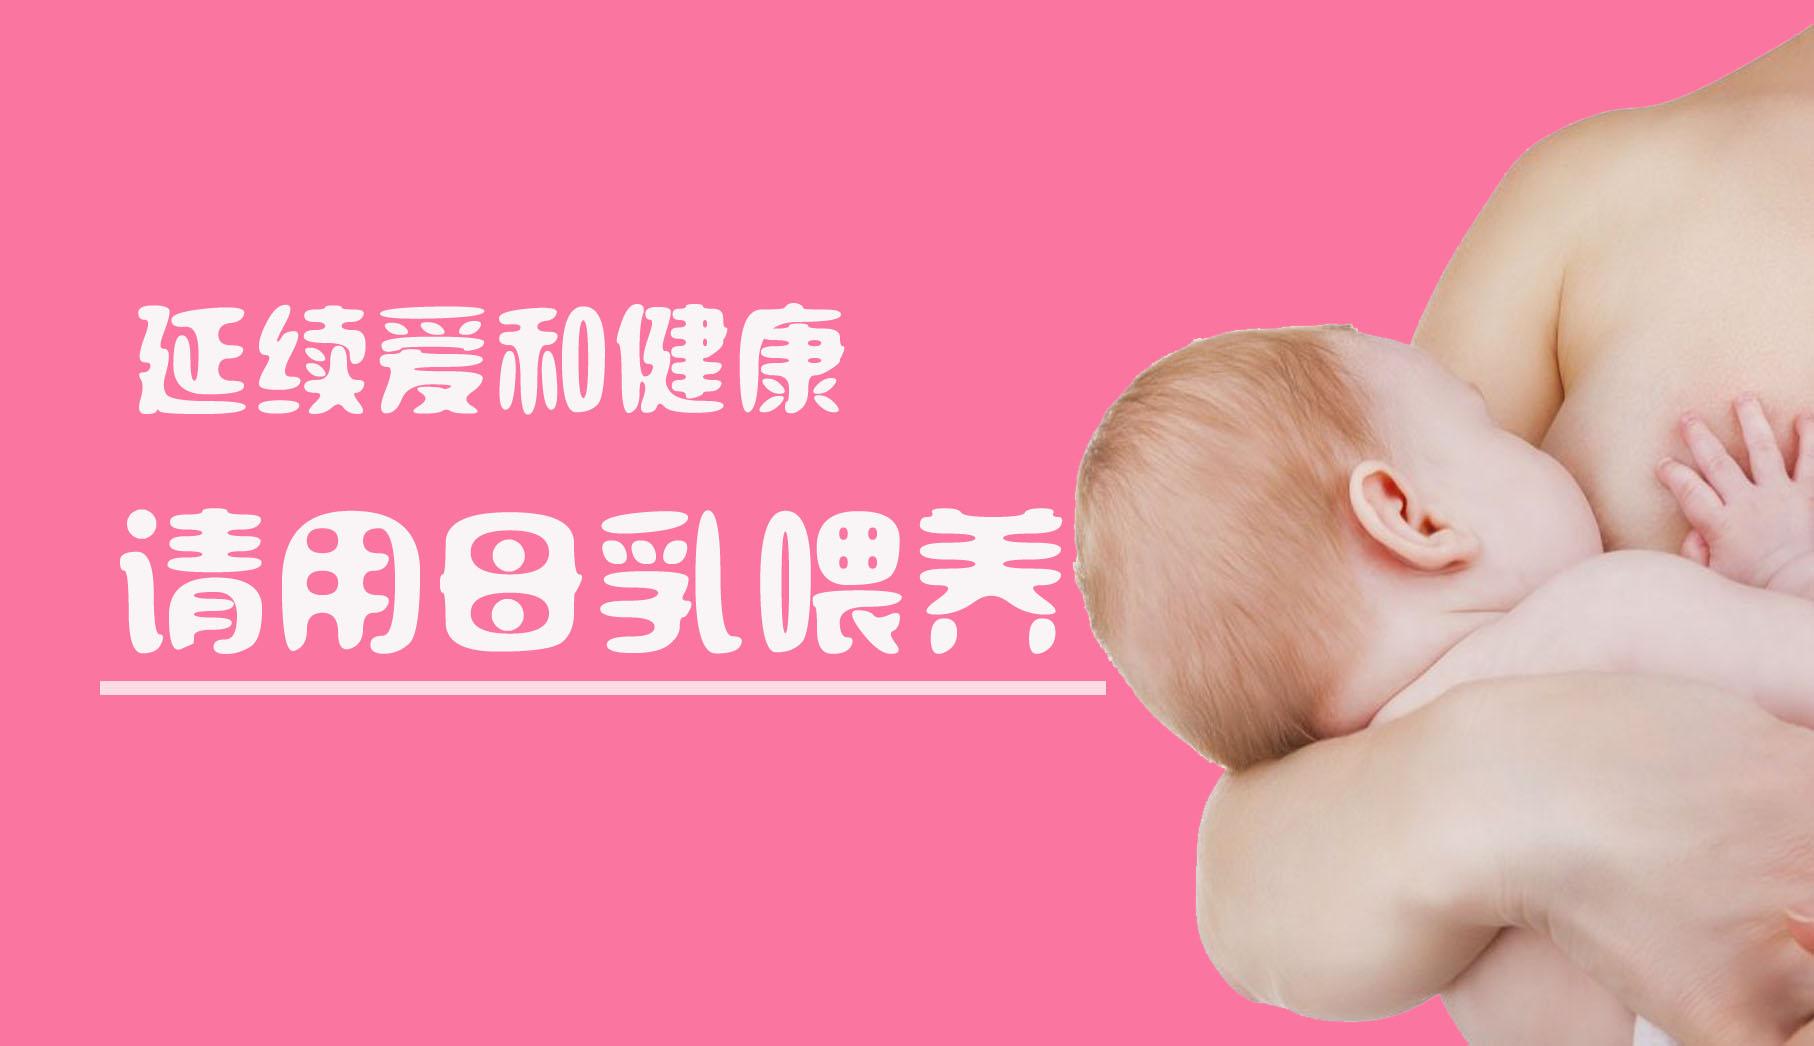 母乳喂养的好处 母乳喂养注意事项 母乳喂养多久最好